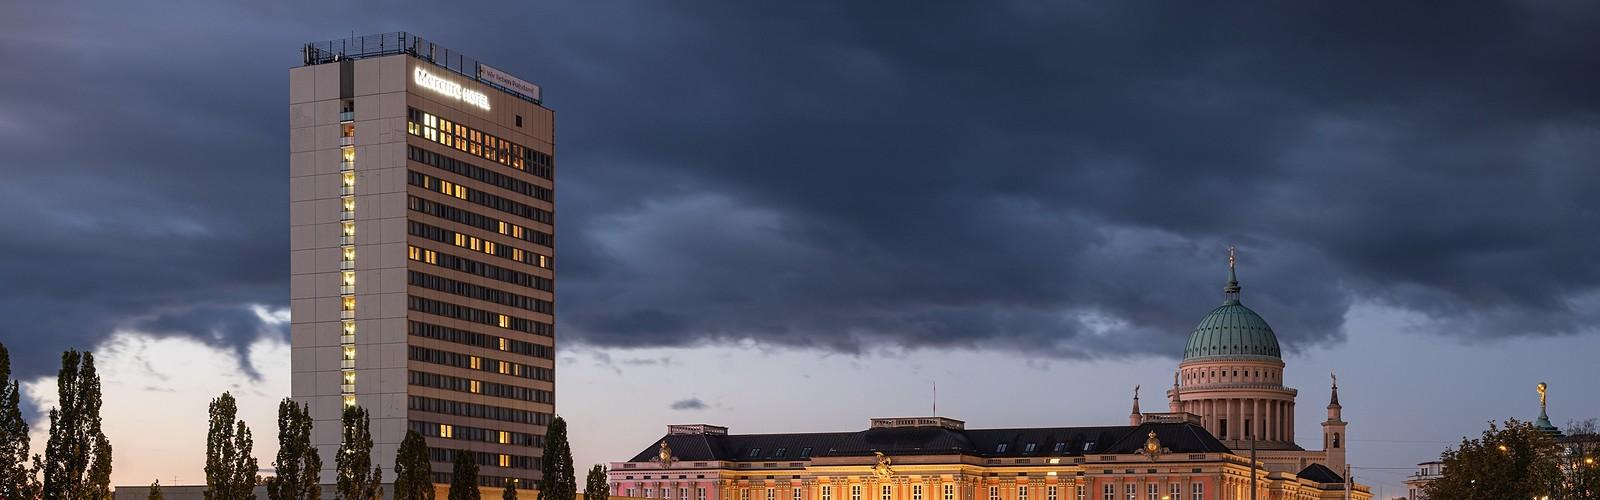 Hotel Mercure bei Nacht , Foto: Eric Kemnitz , Lizenz: Eric Kemnitz